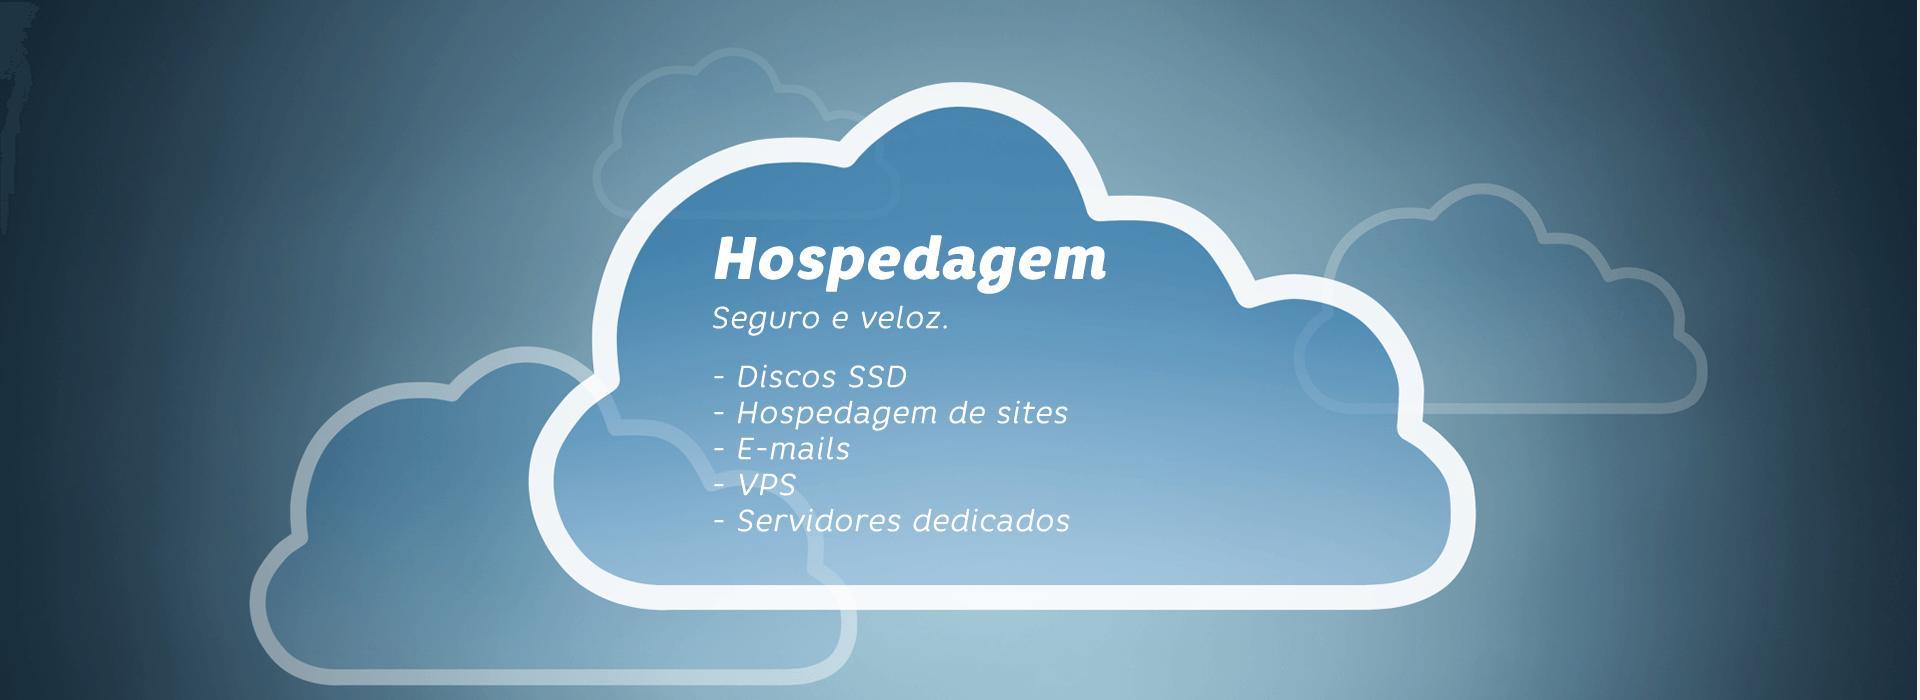 Hospedagem - Sizy.com.br